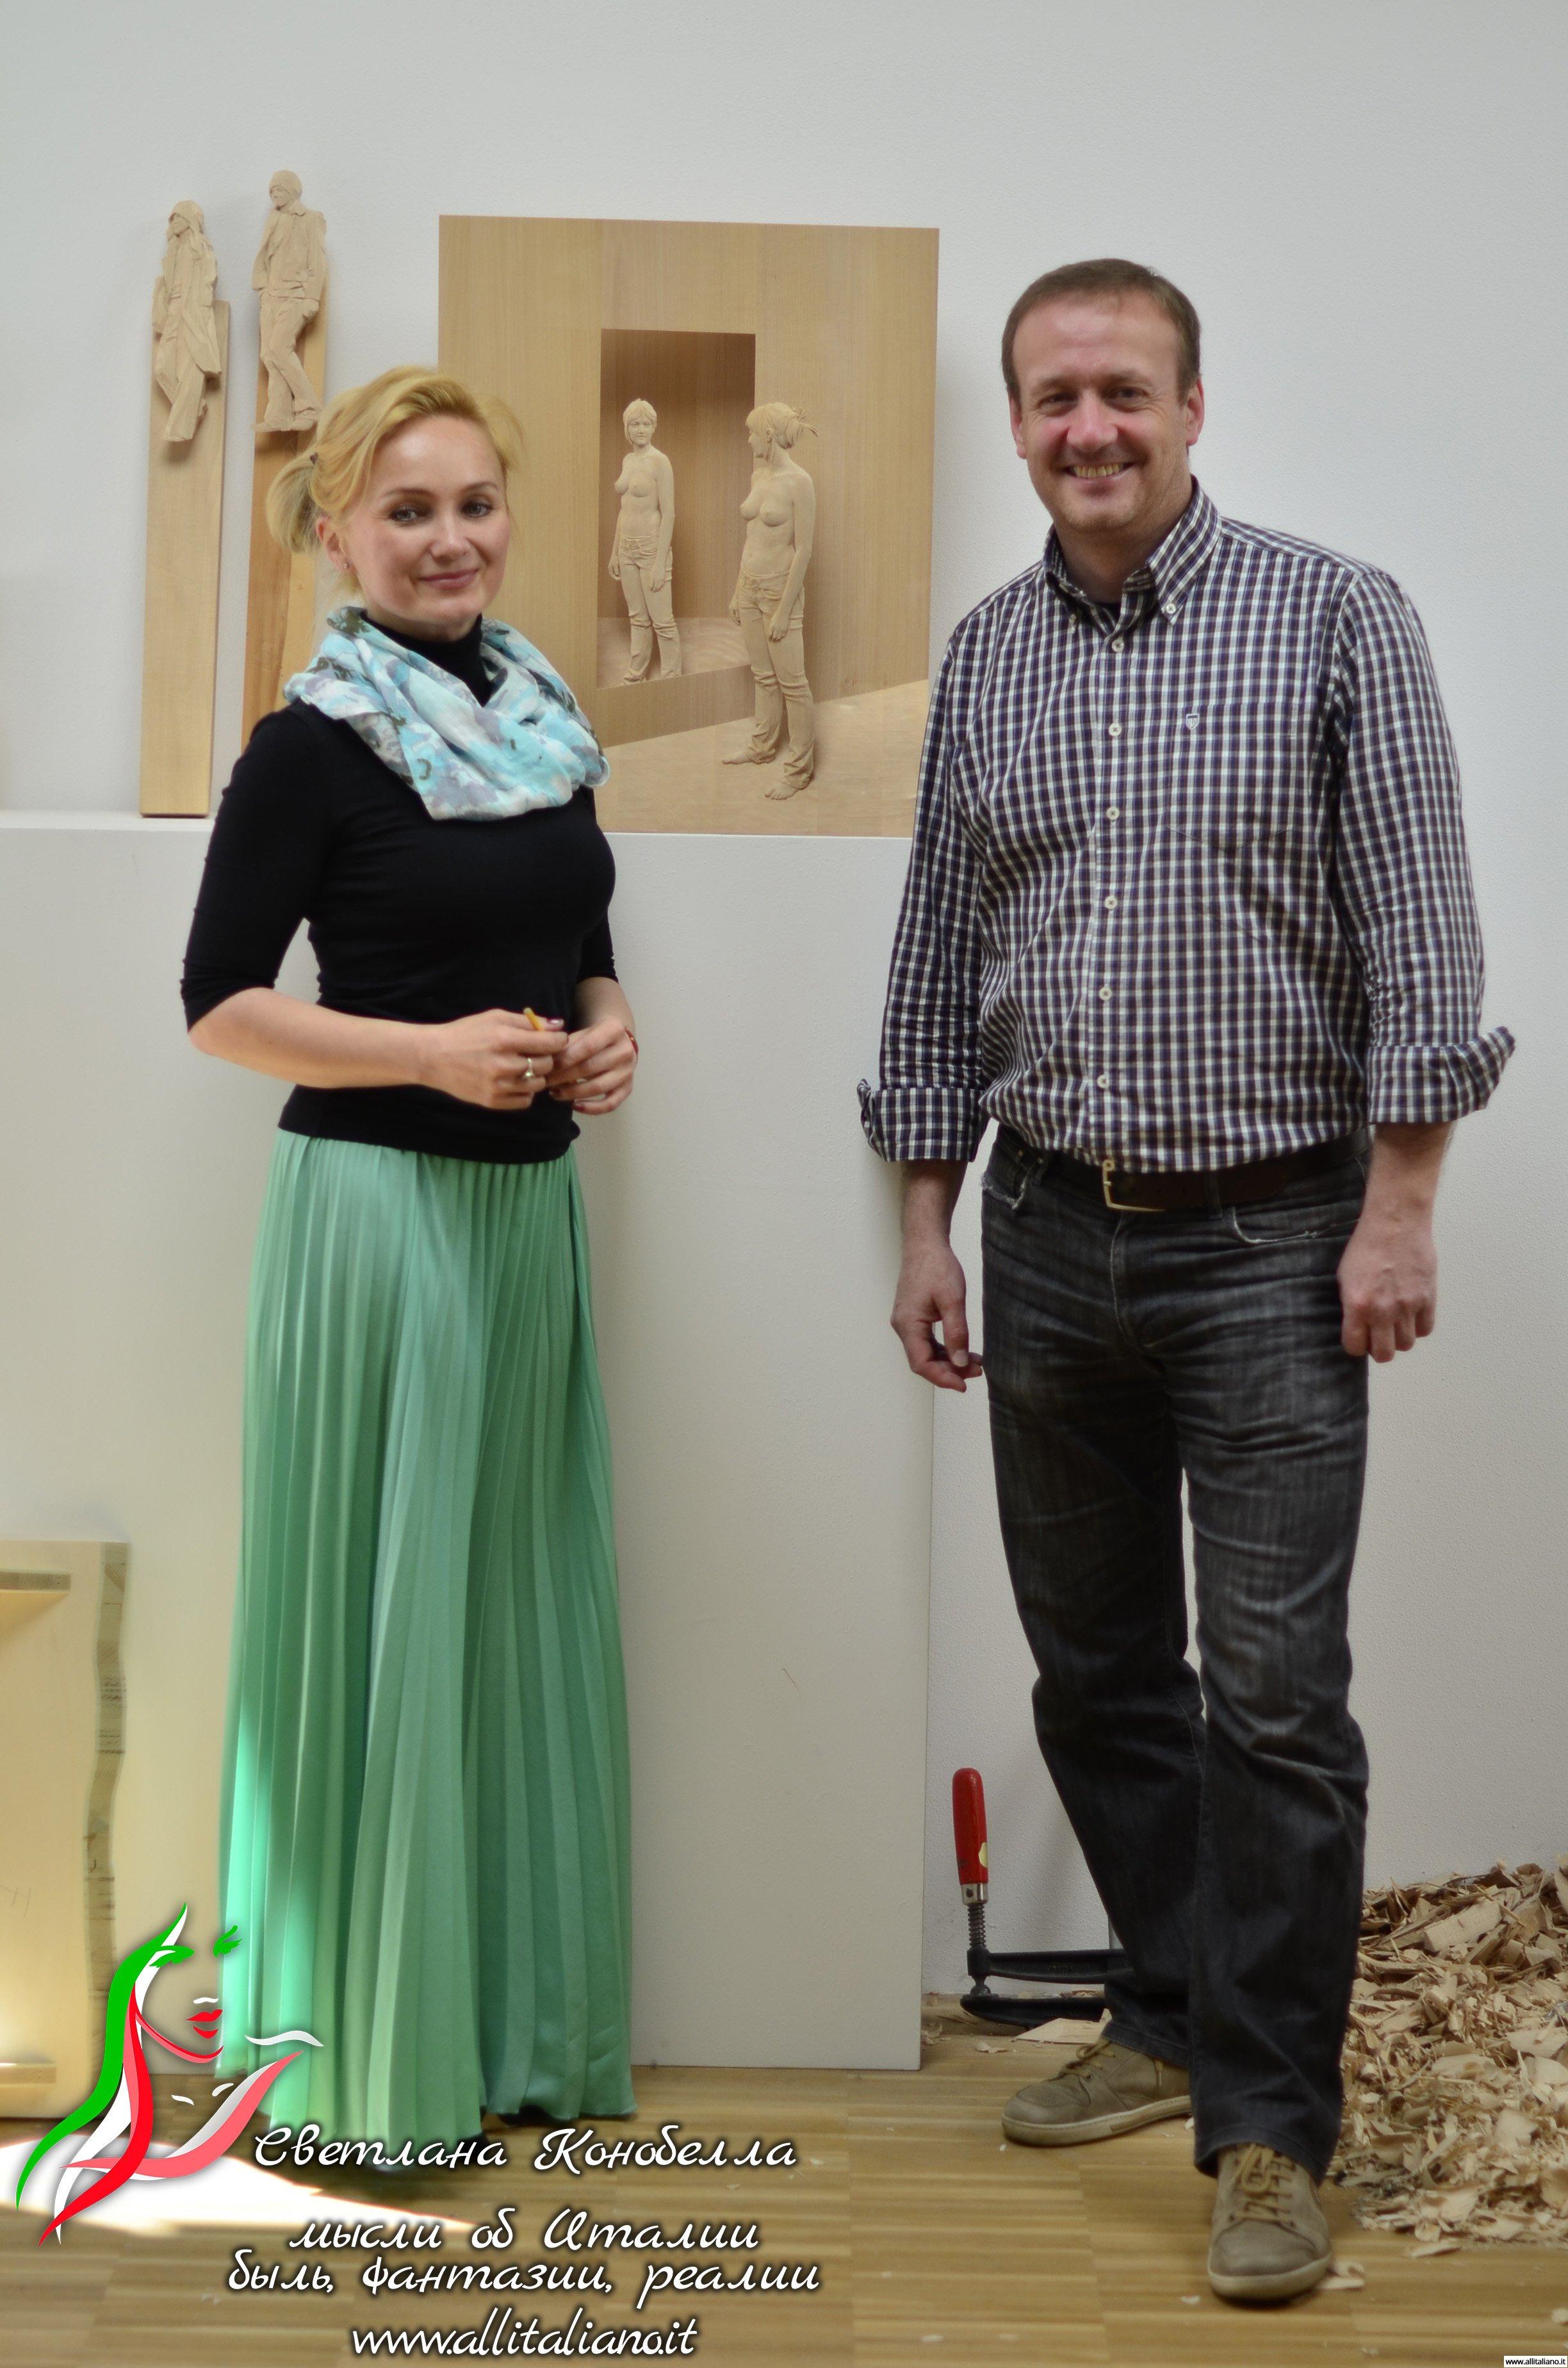 peter-demetz-svetlana-konobella-italy-art-sculpture-gardena-groeden-suedtirol (4)